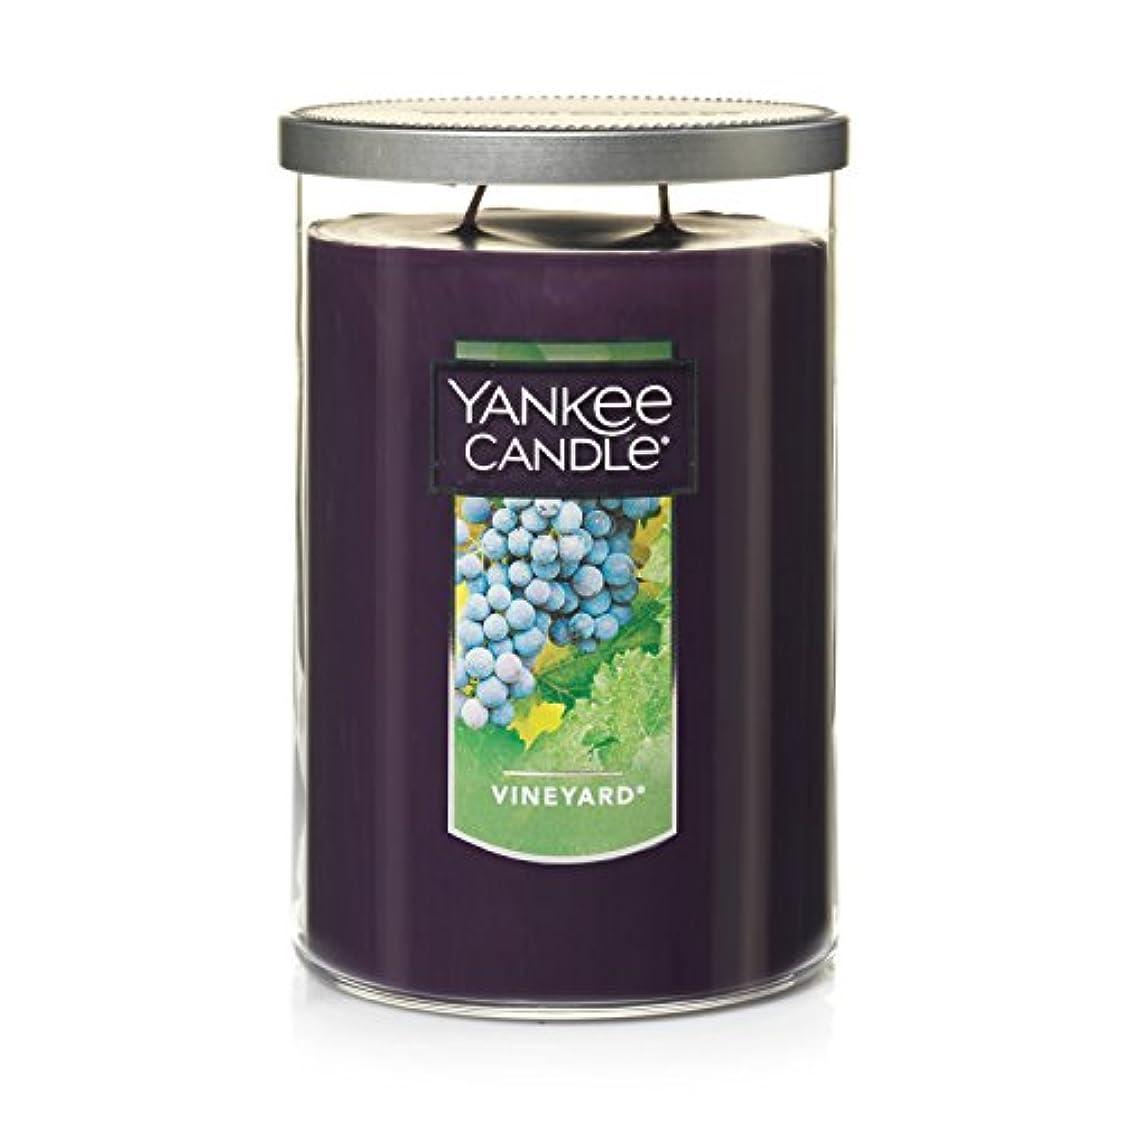 に頼るシャンパン期待するYankee Candle Vineyard、フルーツ香り Large Tumbler Candles パープル 1184177Z